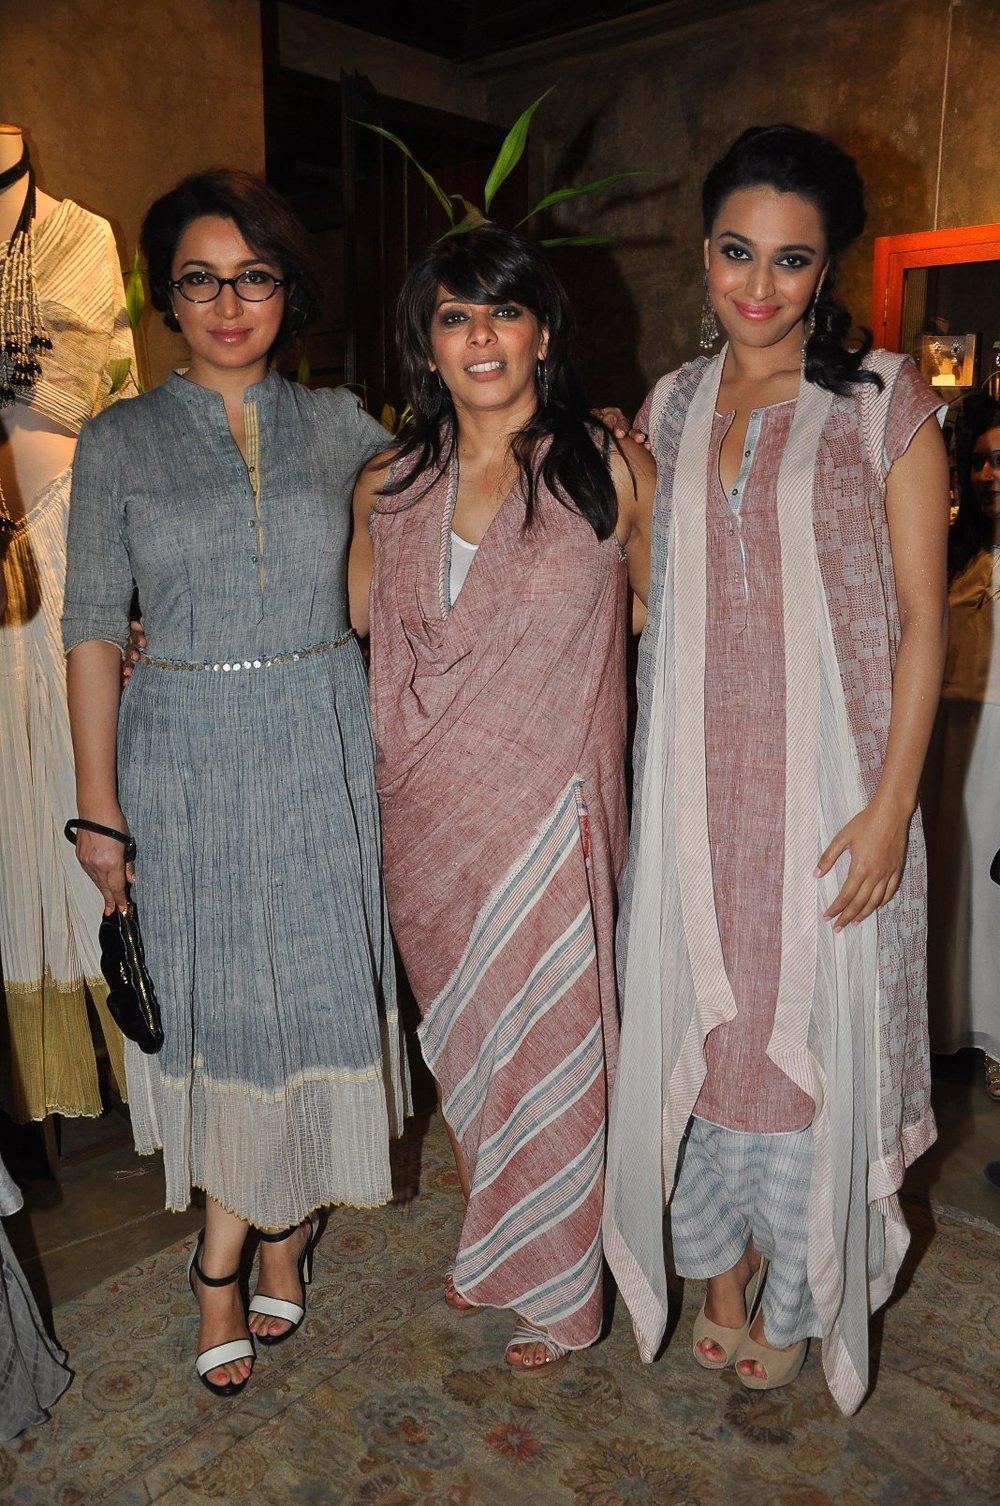 Tisca Chopra, Urvashi Kaur and Swara Bhaskar